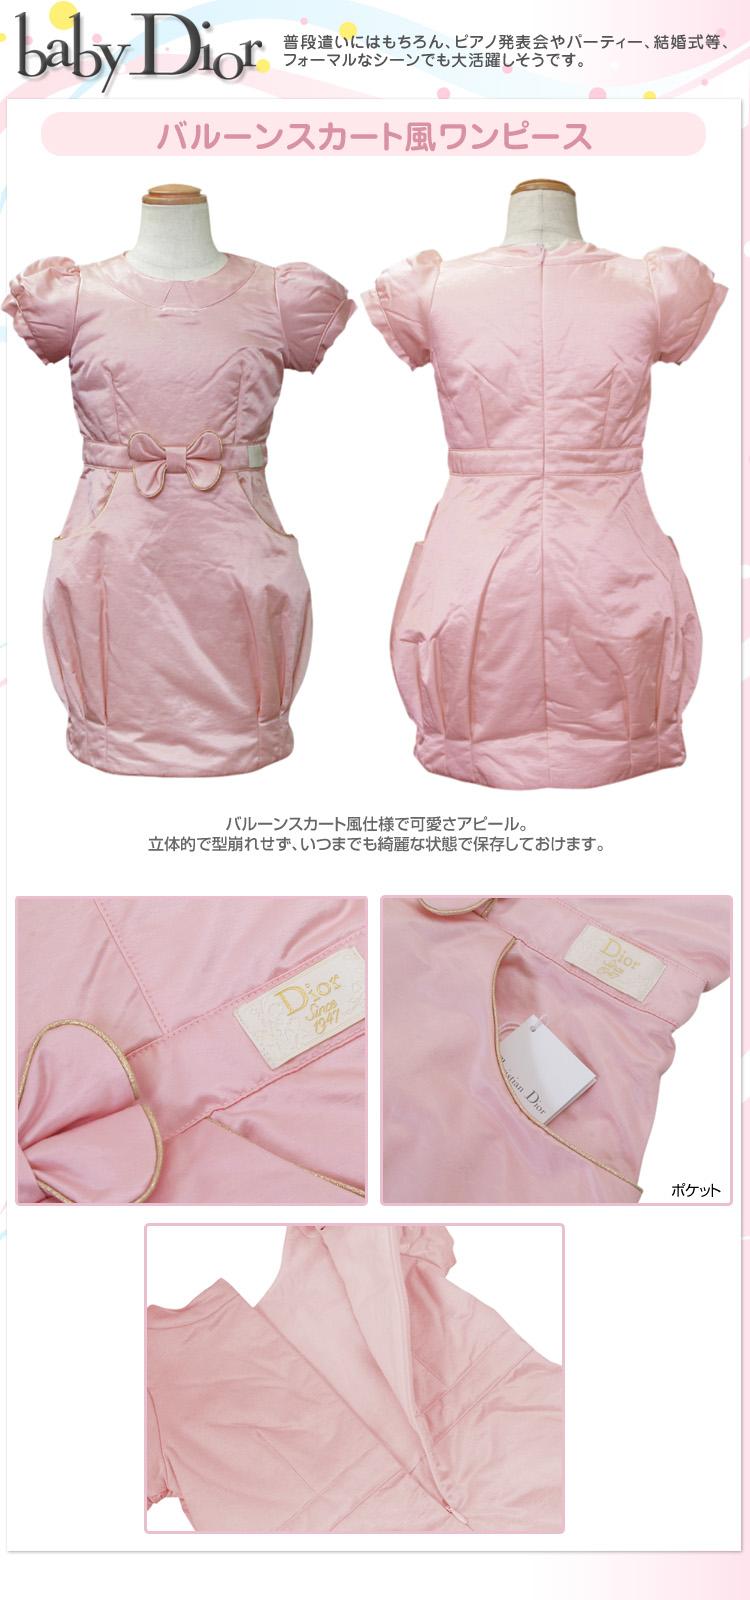 huge discount 7d102 894c9 ベビーディオール Baby Dior 半袖ドレス CD-0216PK ★子供・パーティードレス 結婚式 ...